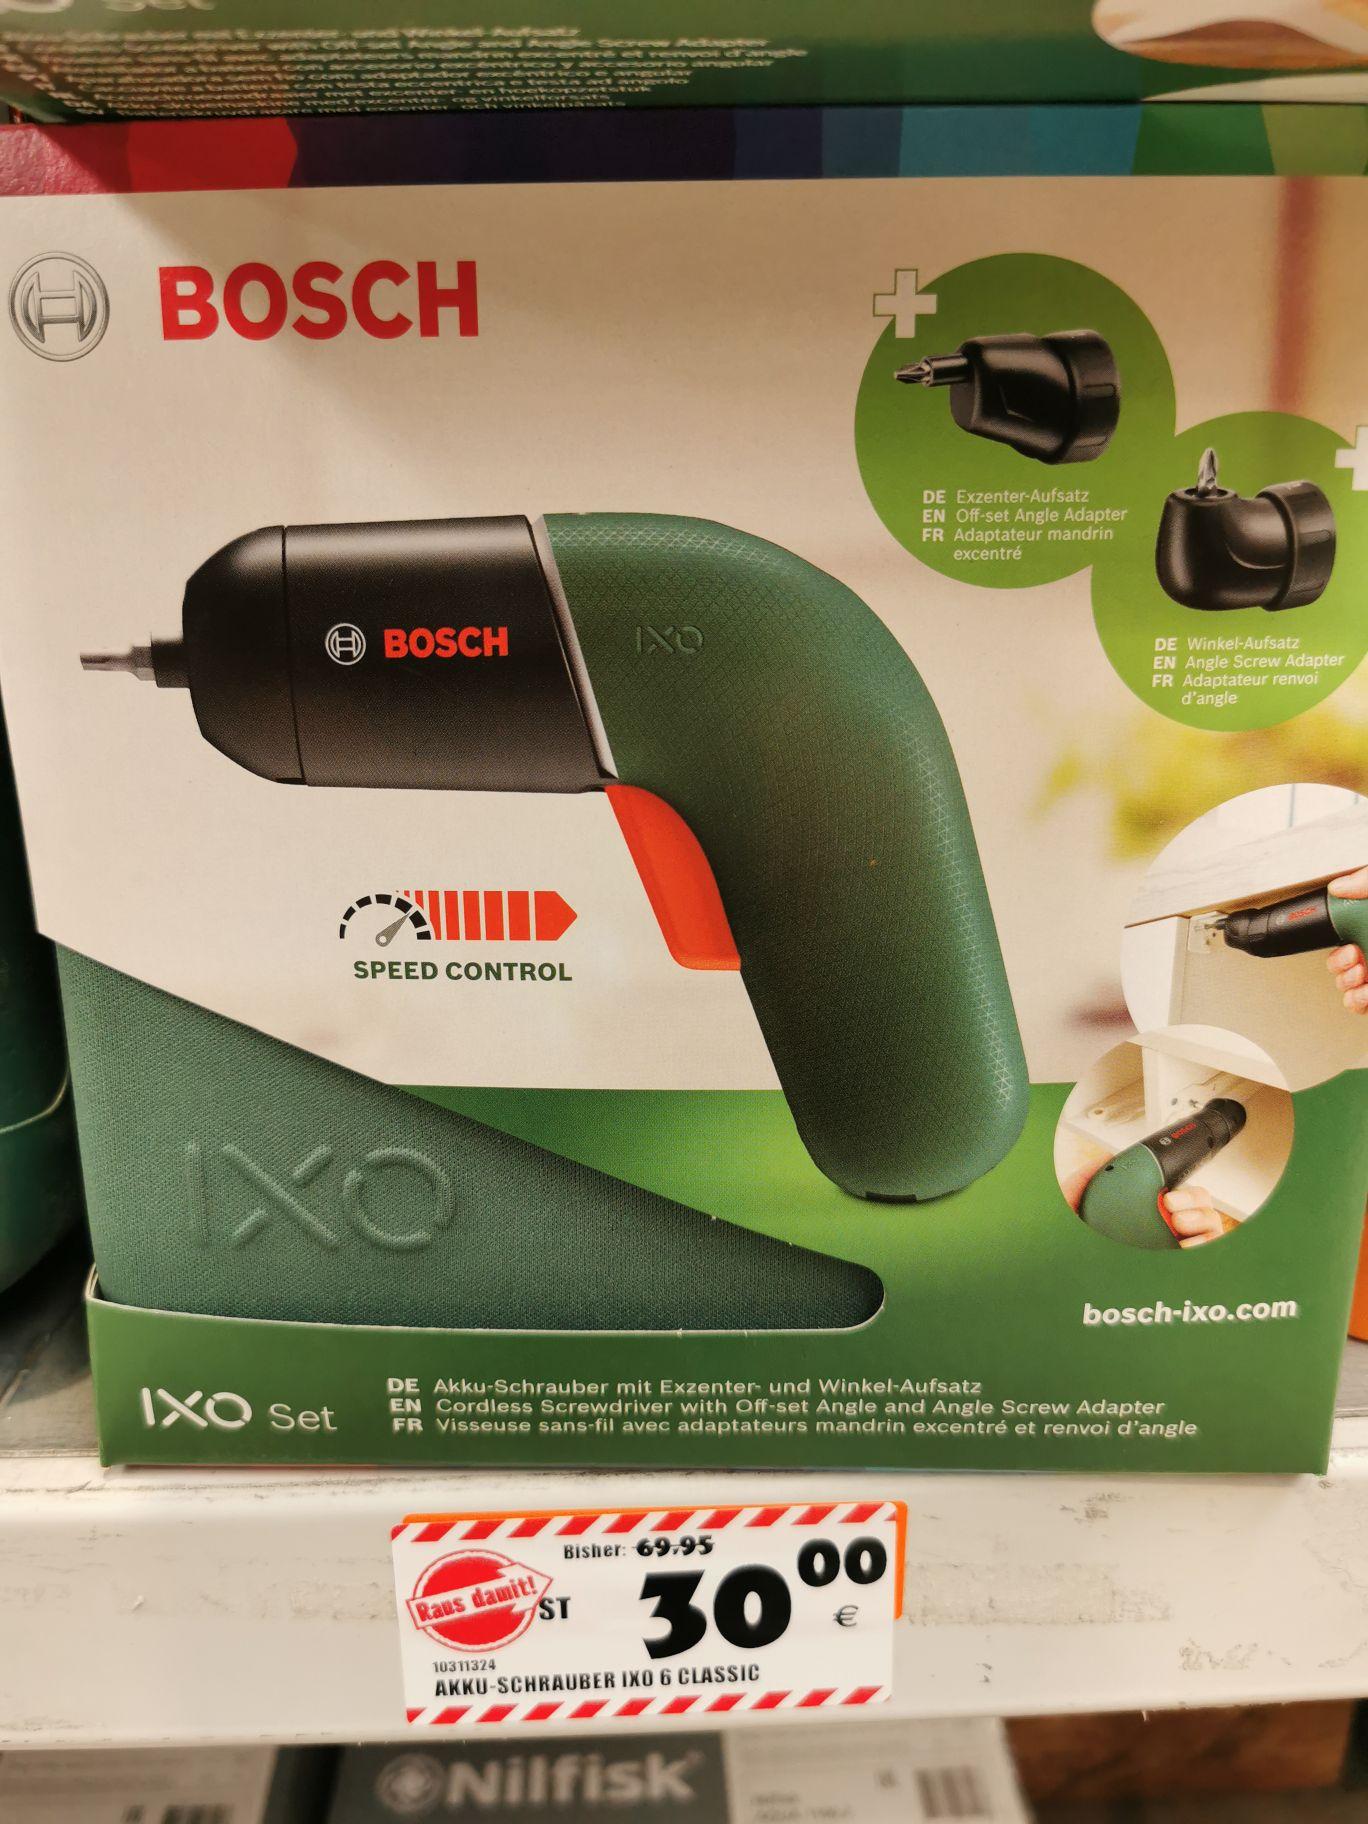 Lokal Bosch ixo 6 set Sinsheim